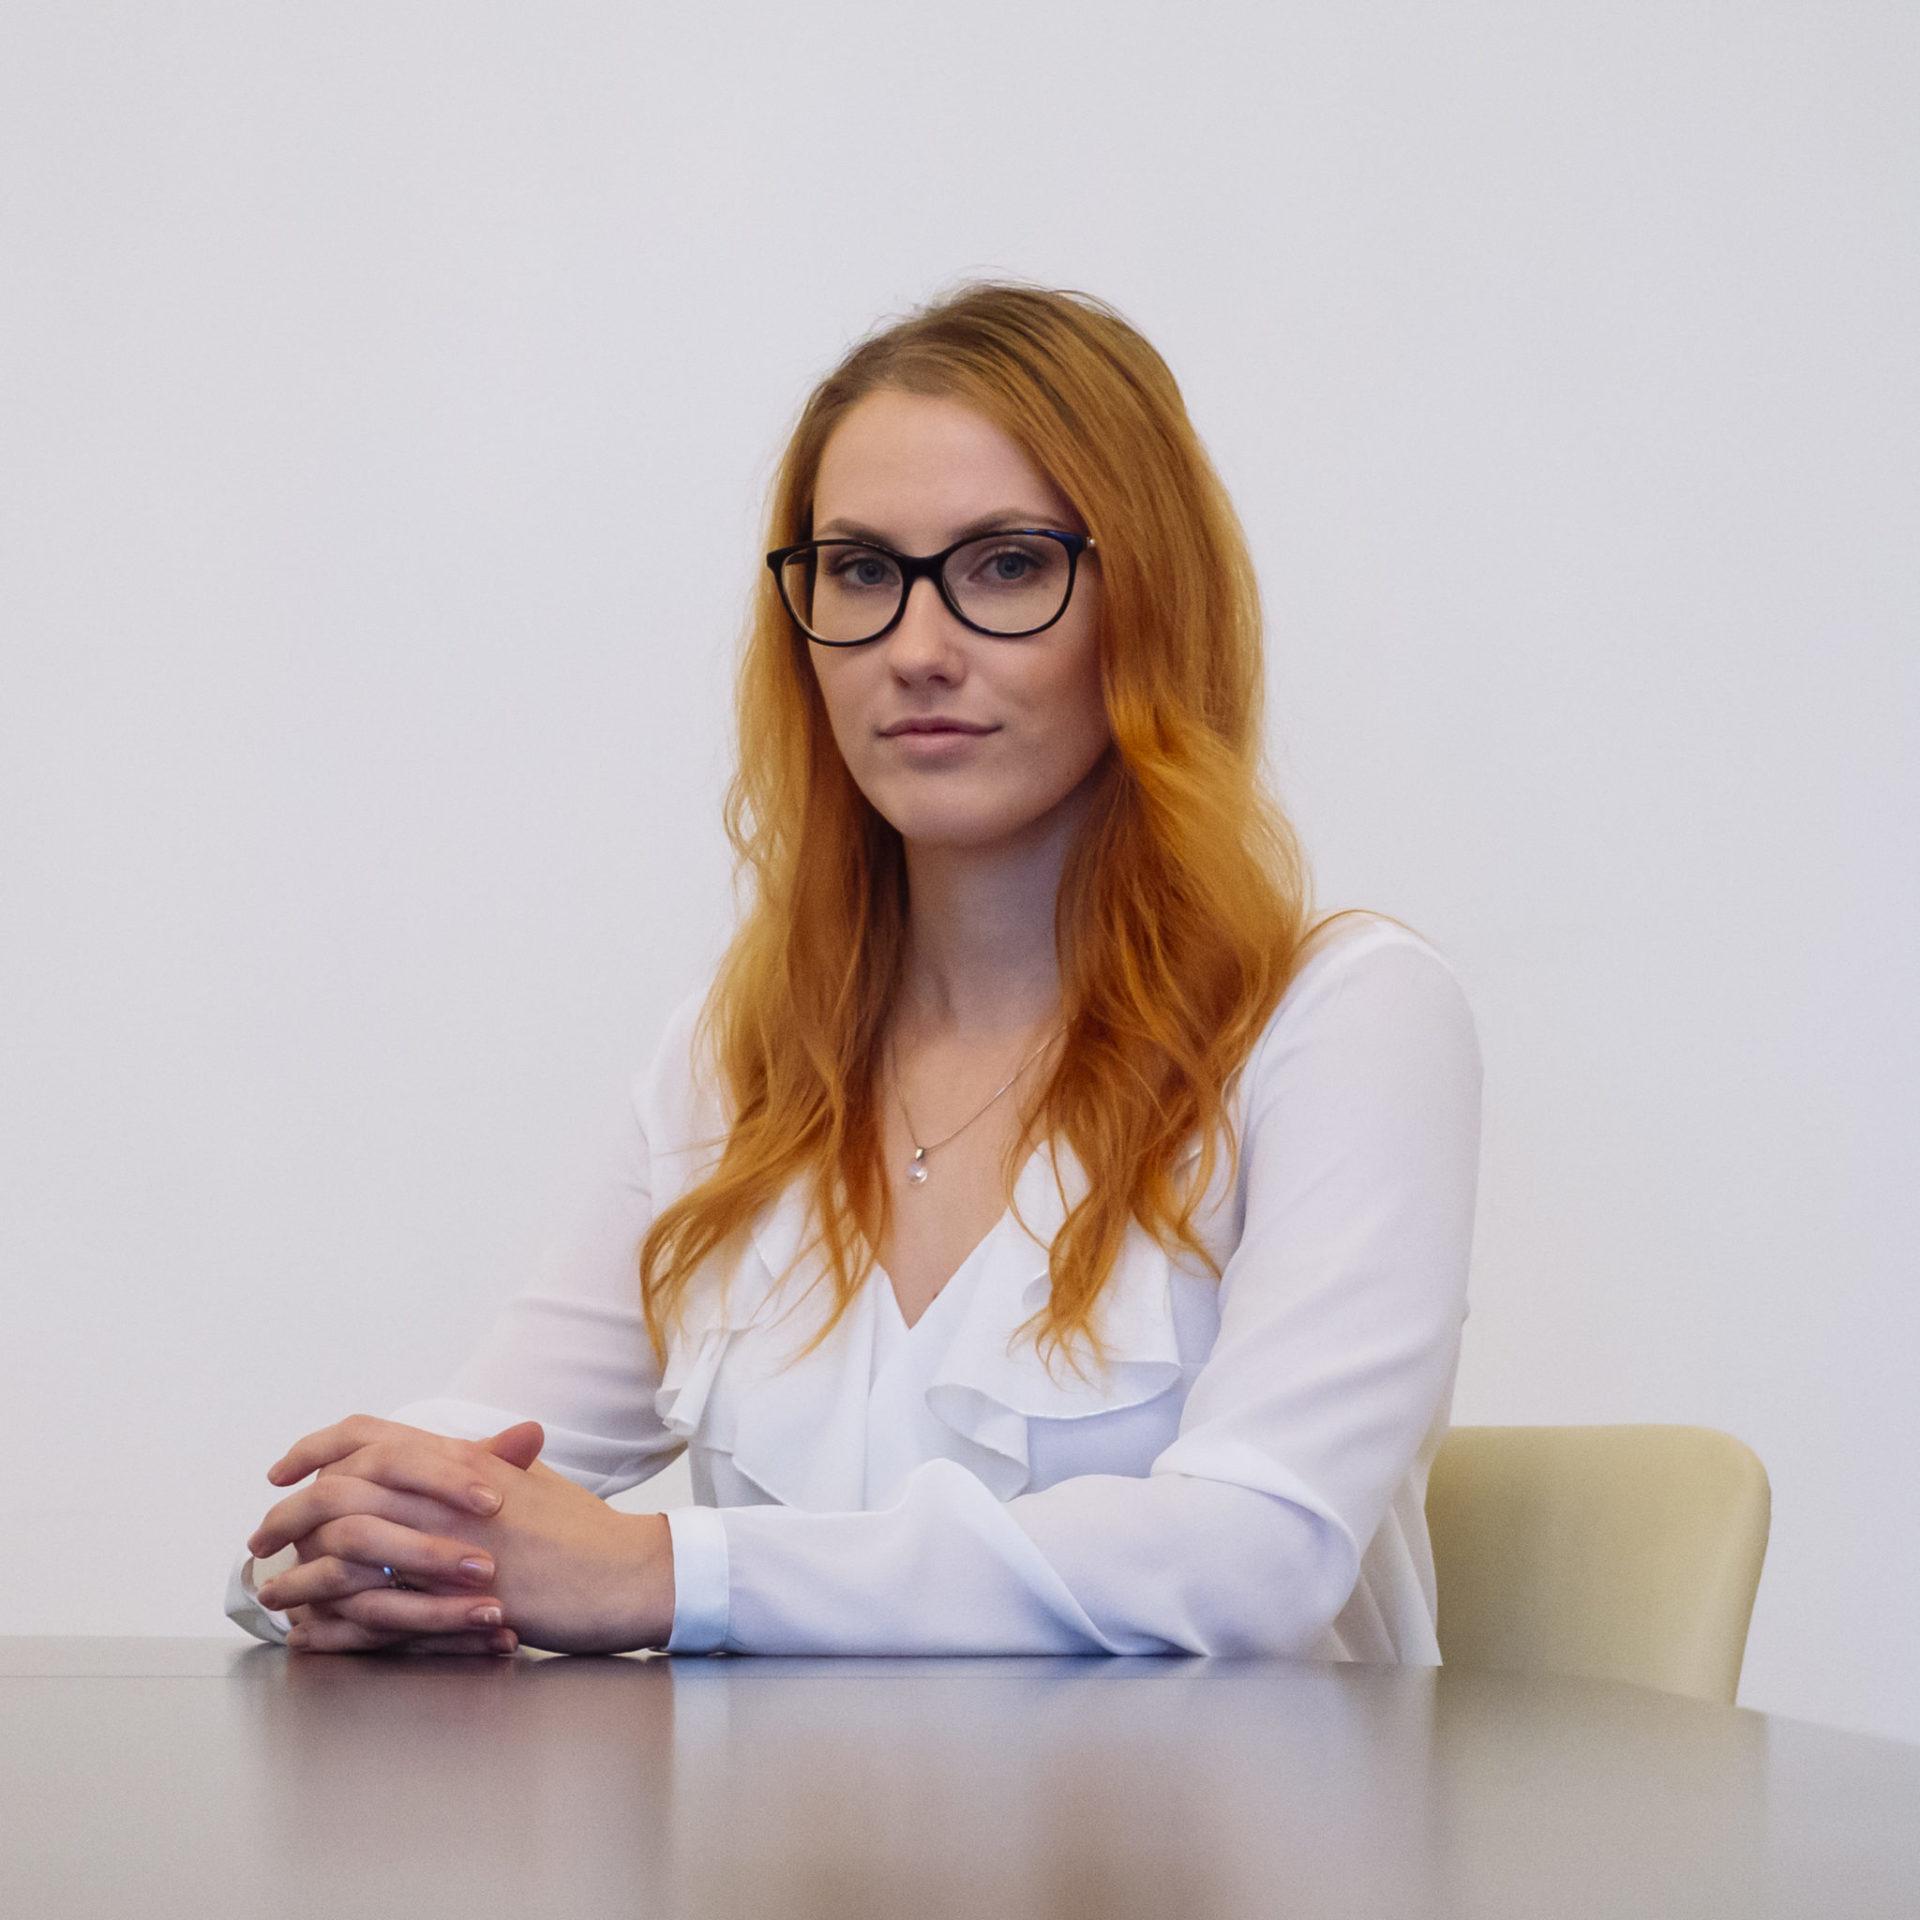 Mgr. Veronika Sedláčková